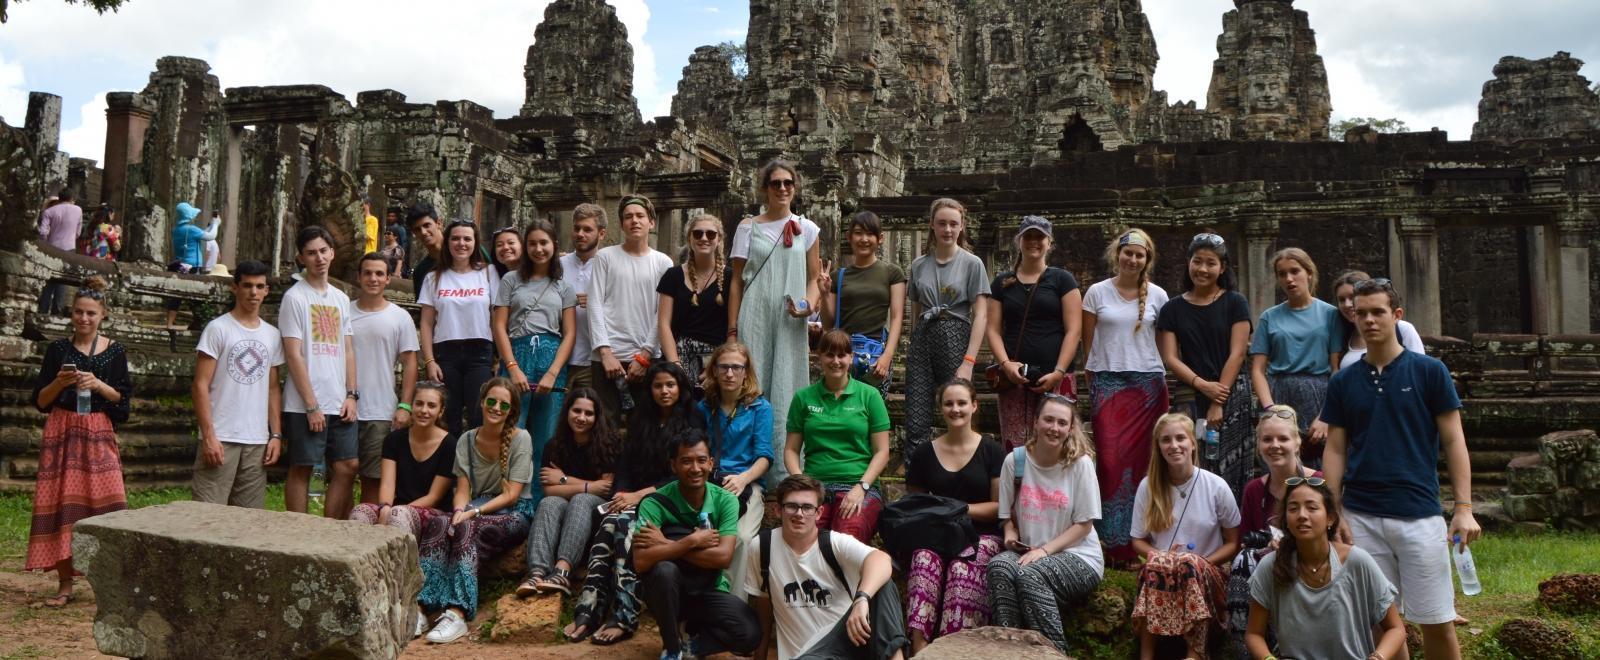 Jóvenes voluntarios visitando ruinas camboyanas durante su trabajo voluntario.